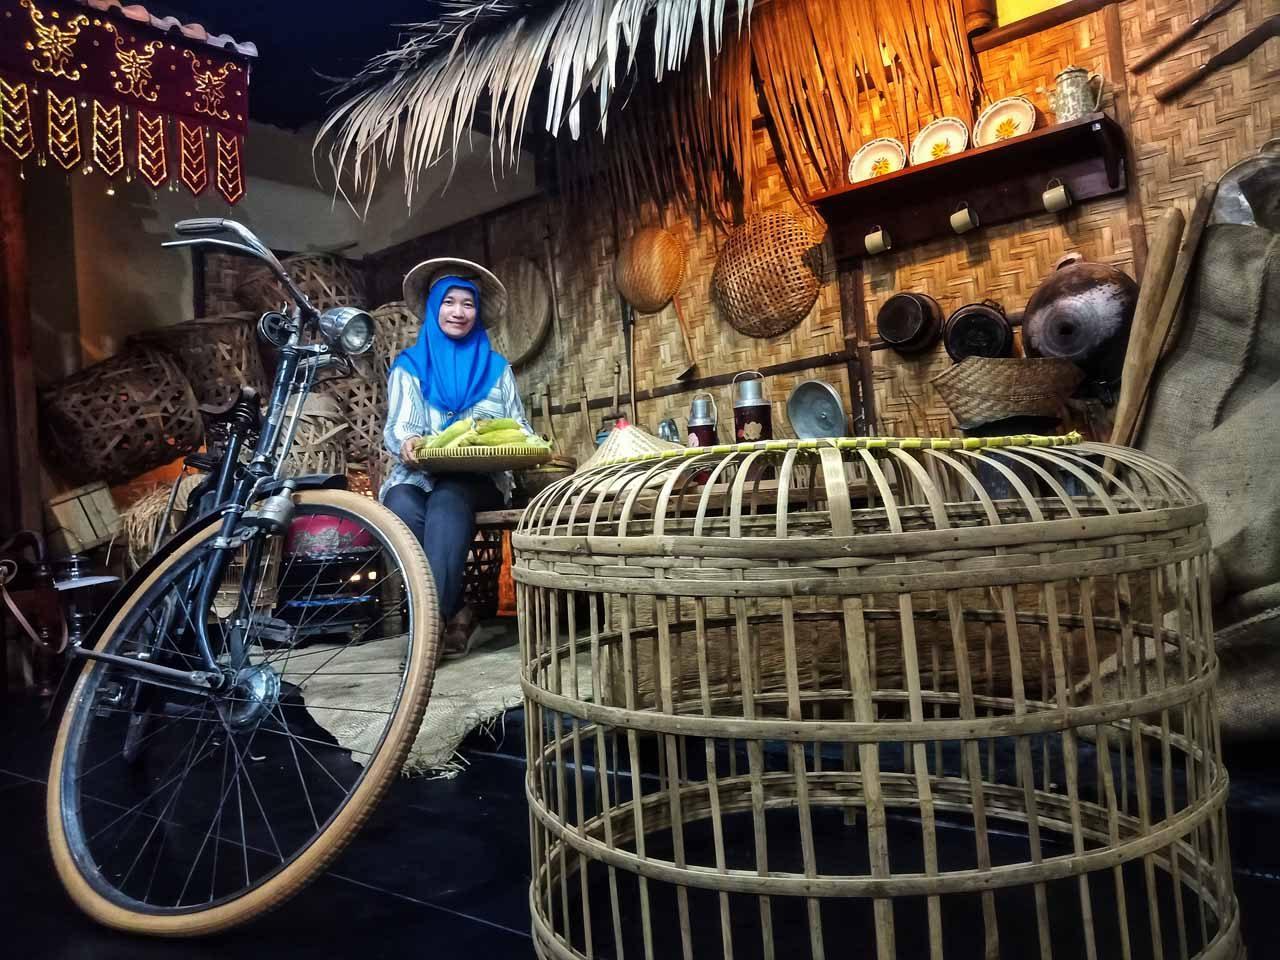 Moto Niku Selfie Park and Studio Vintage - Bandar Lampung - Kelilinglampung - Yopie Pangkey